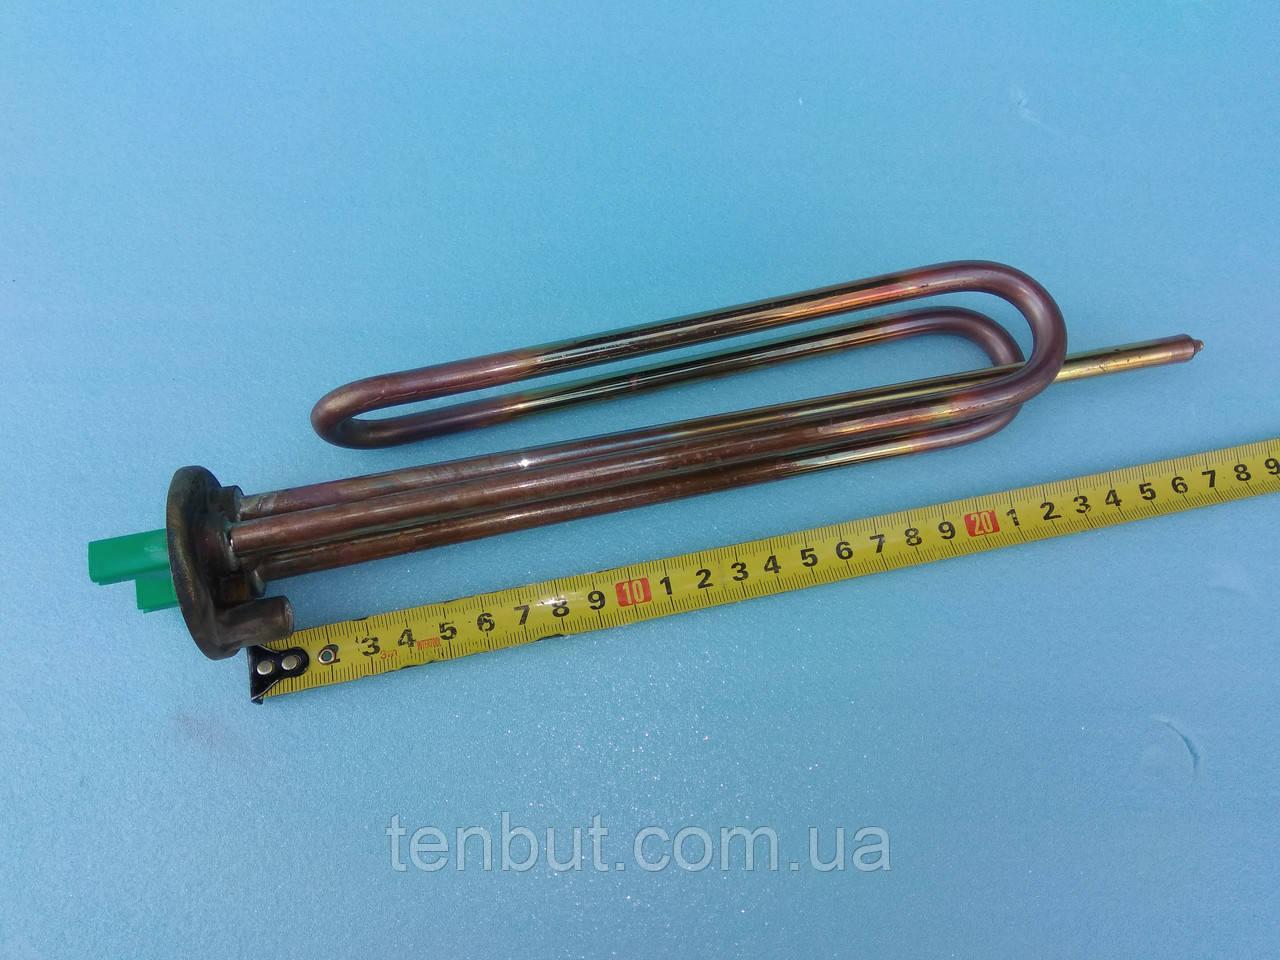 Тэн медный фланцевый 2.0 кВт. / 230 В. для бойлеров . Производитель Италия Thermowatt.